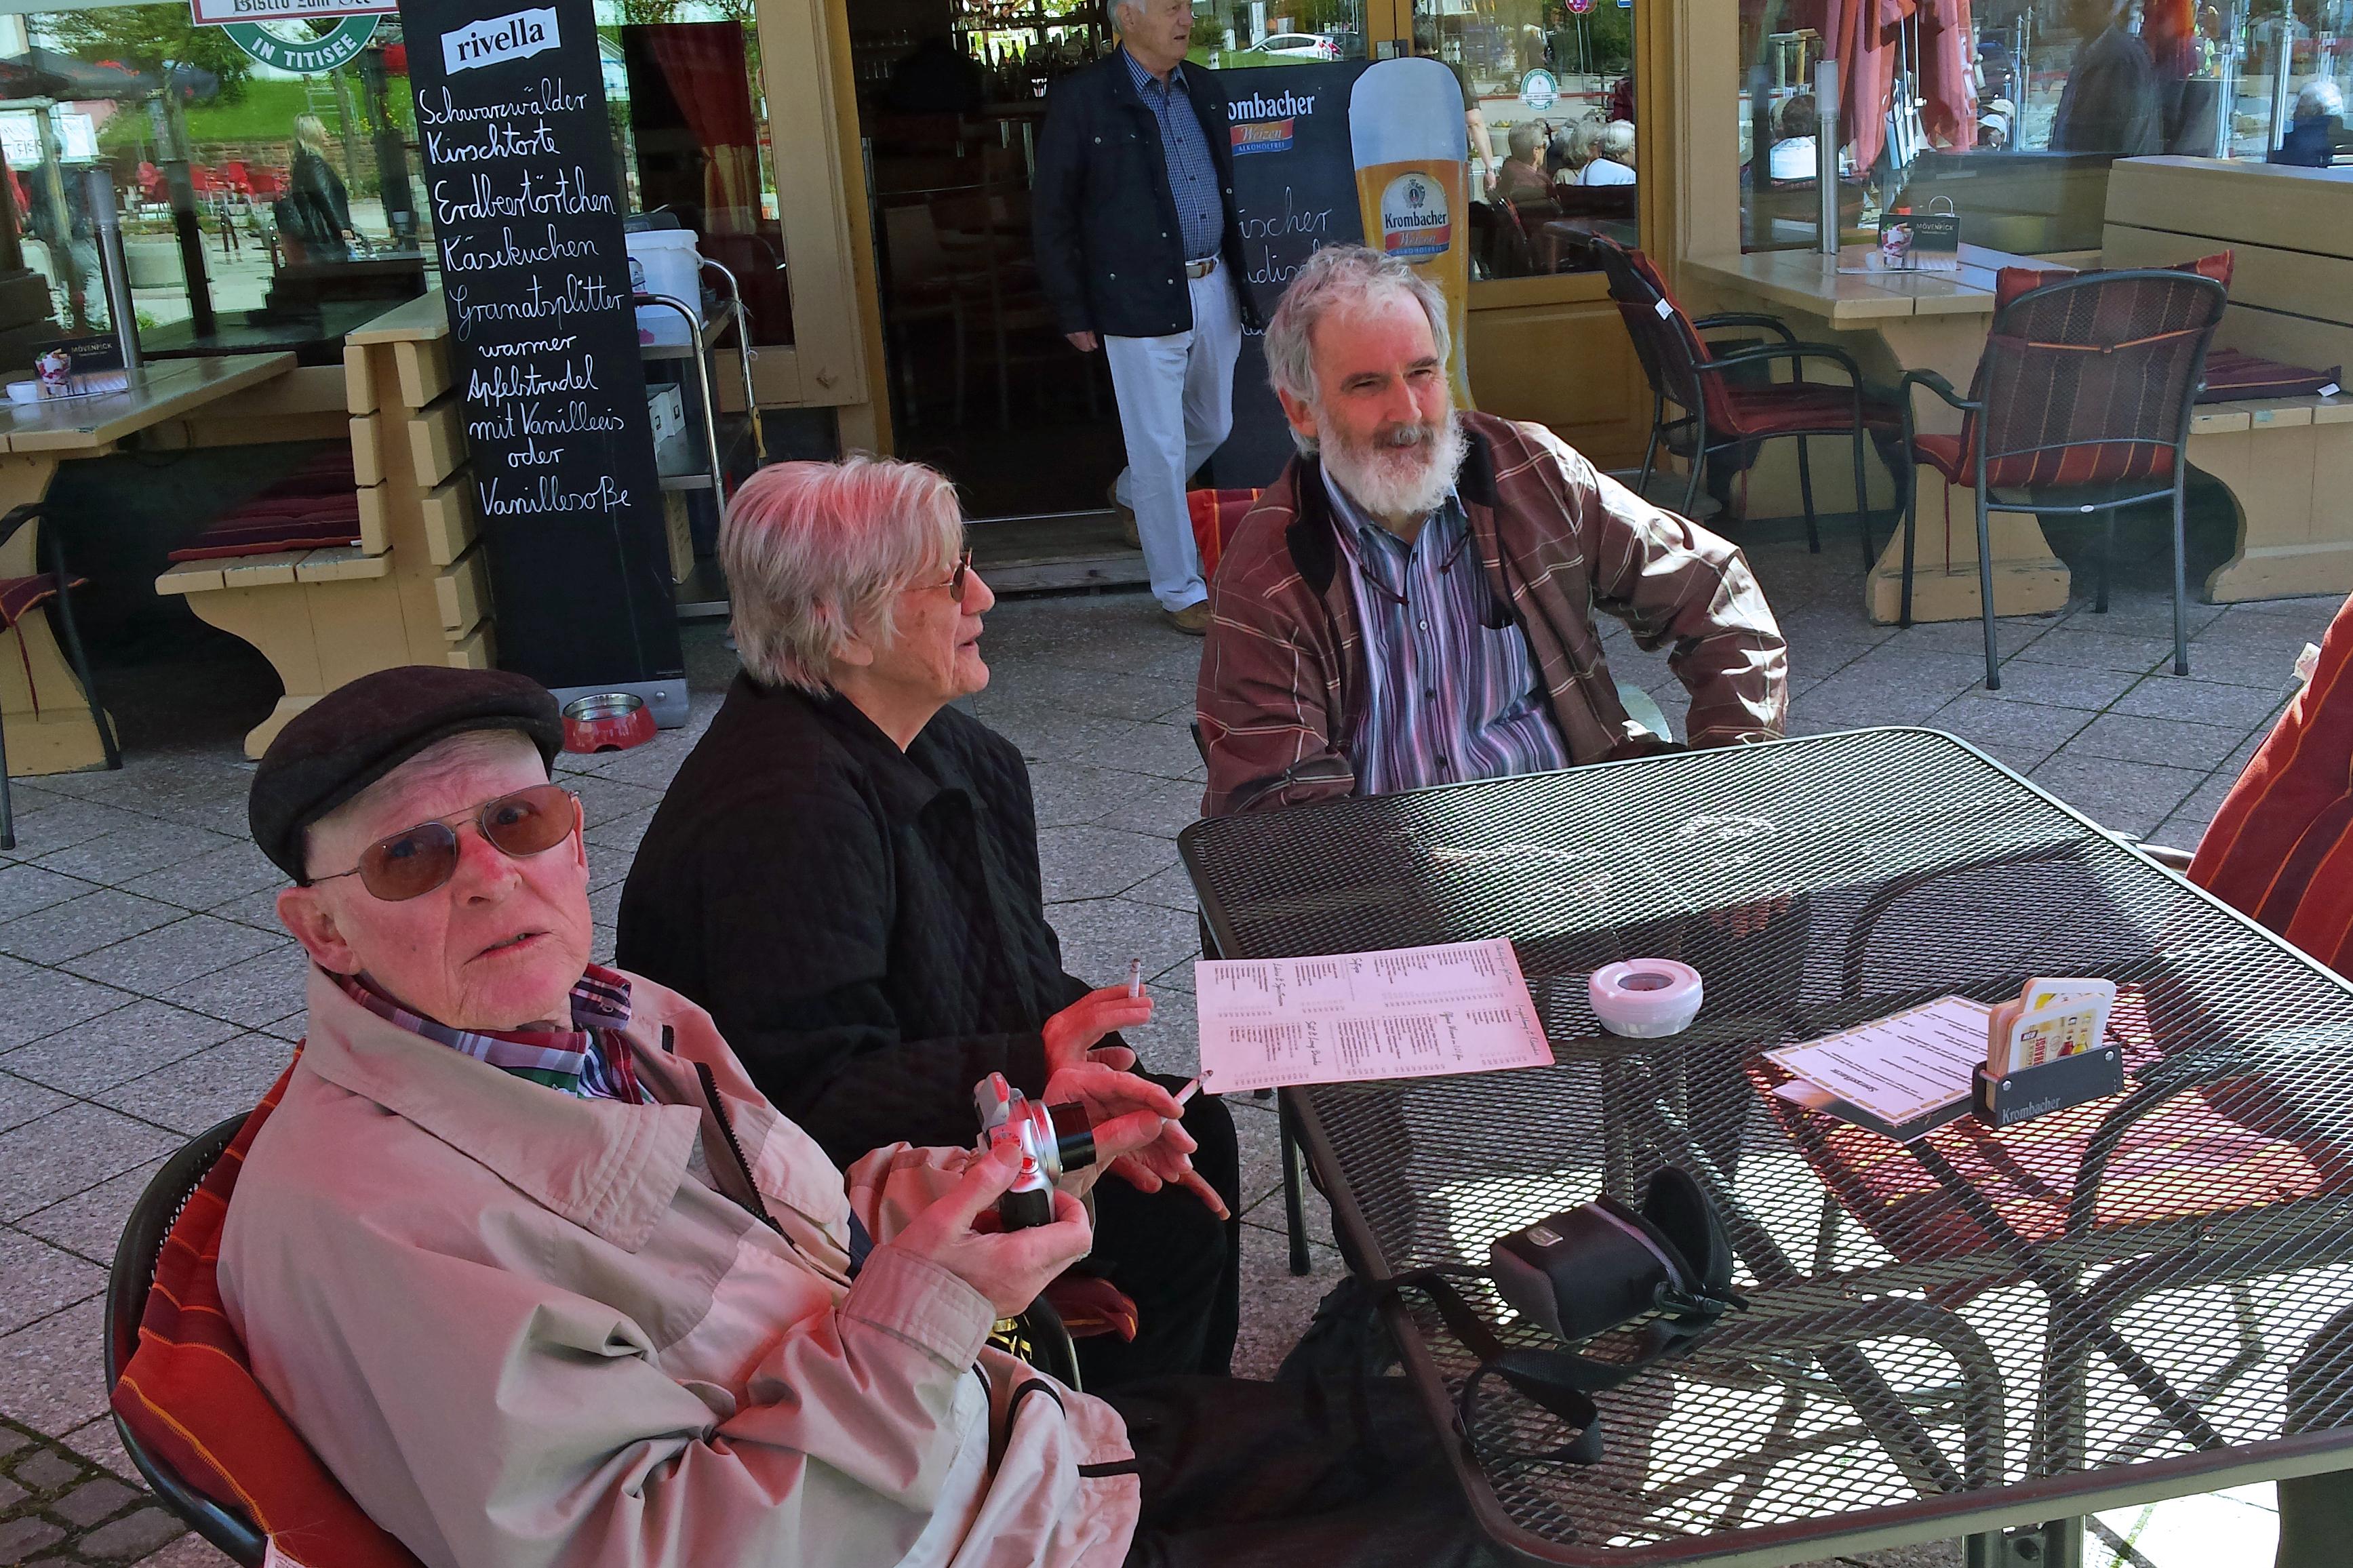 /_SYS_file/Bilder/Freizeit/Berichte/2016/Senioren-3.jpg